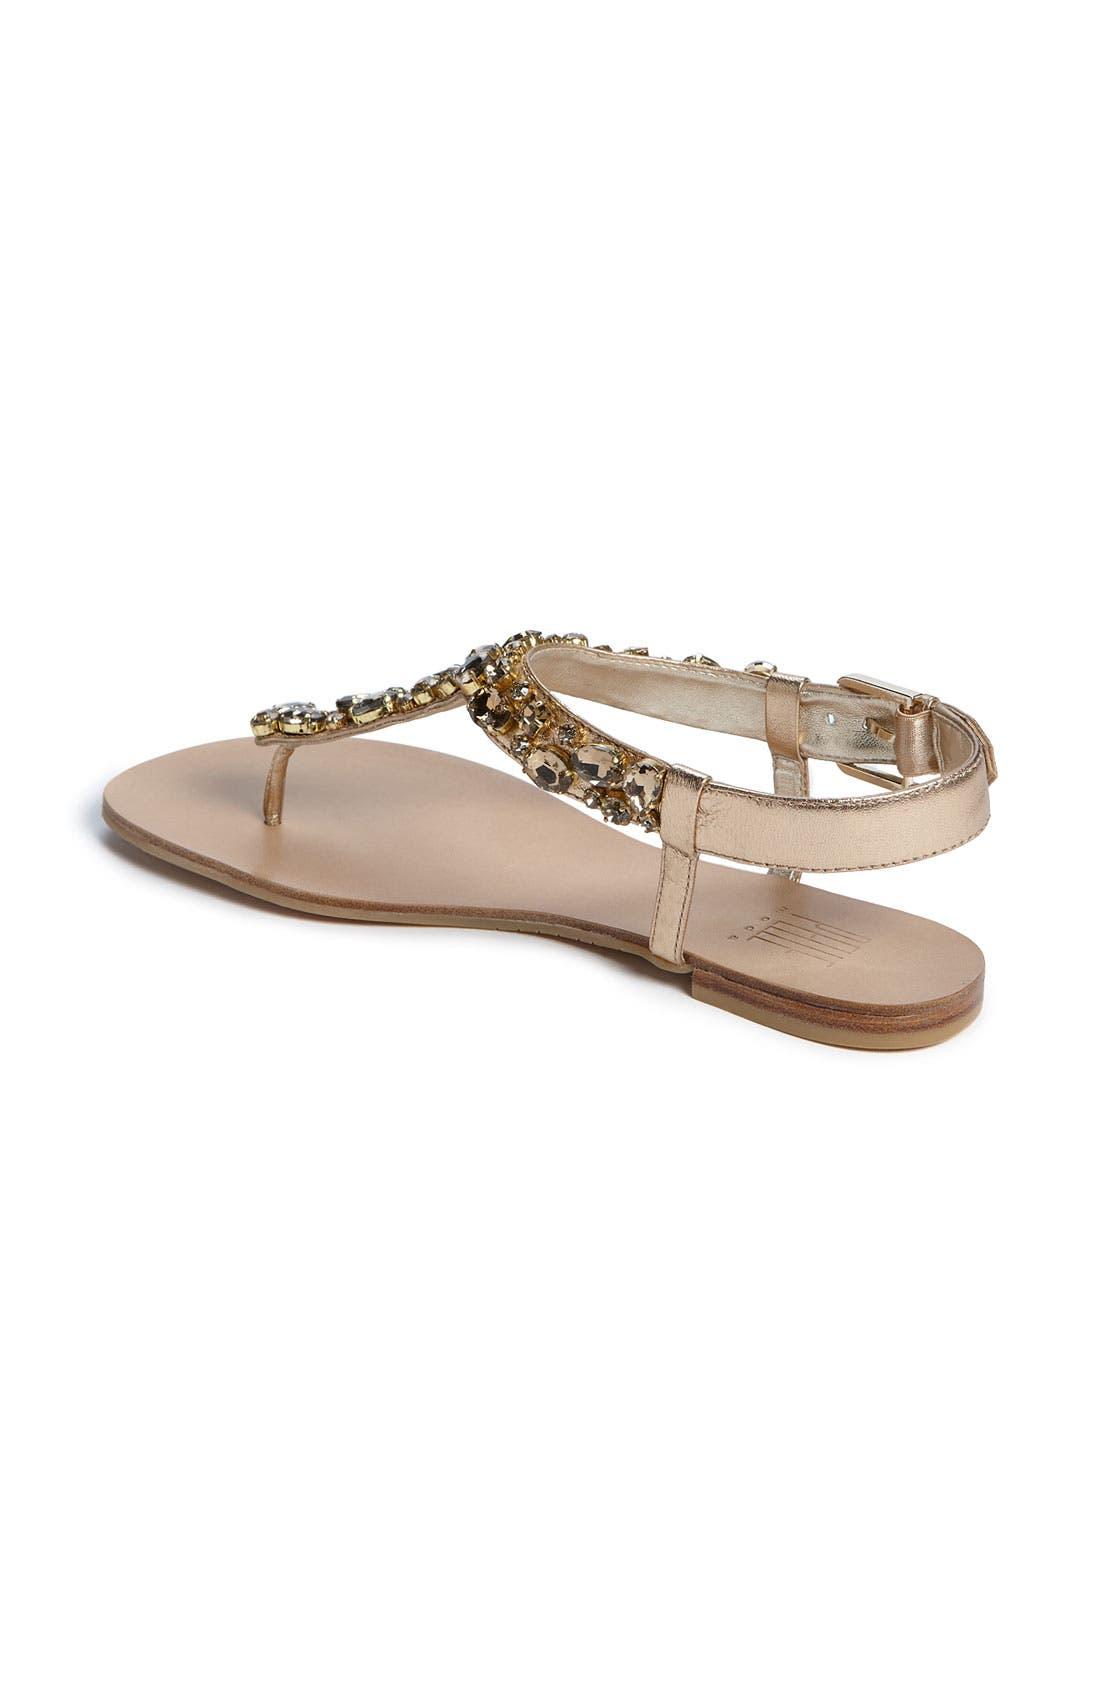 Alternate Image 2  - Pelle Moda 'Hanalee' Sandal